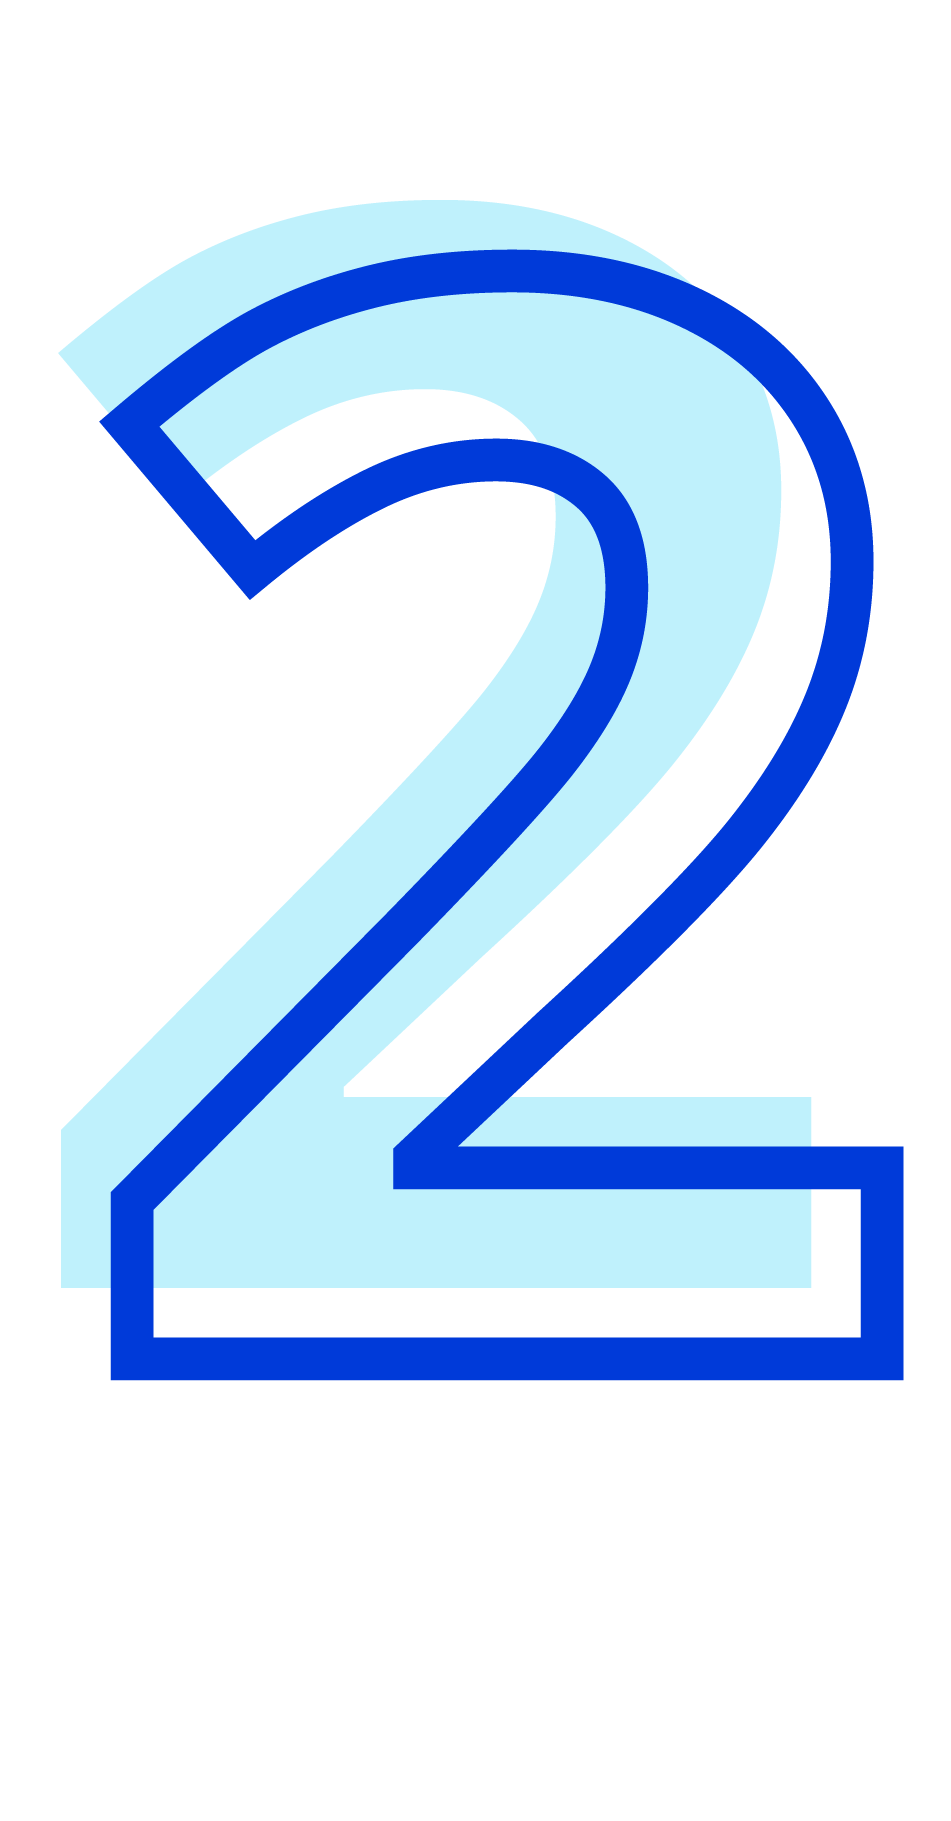 Asset 24